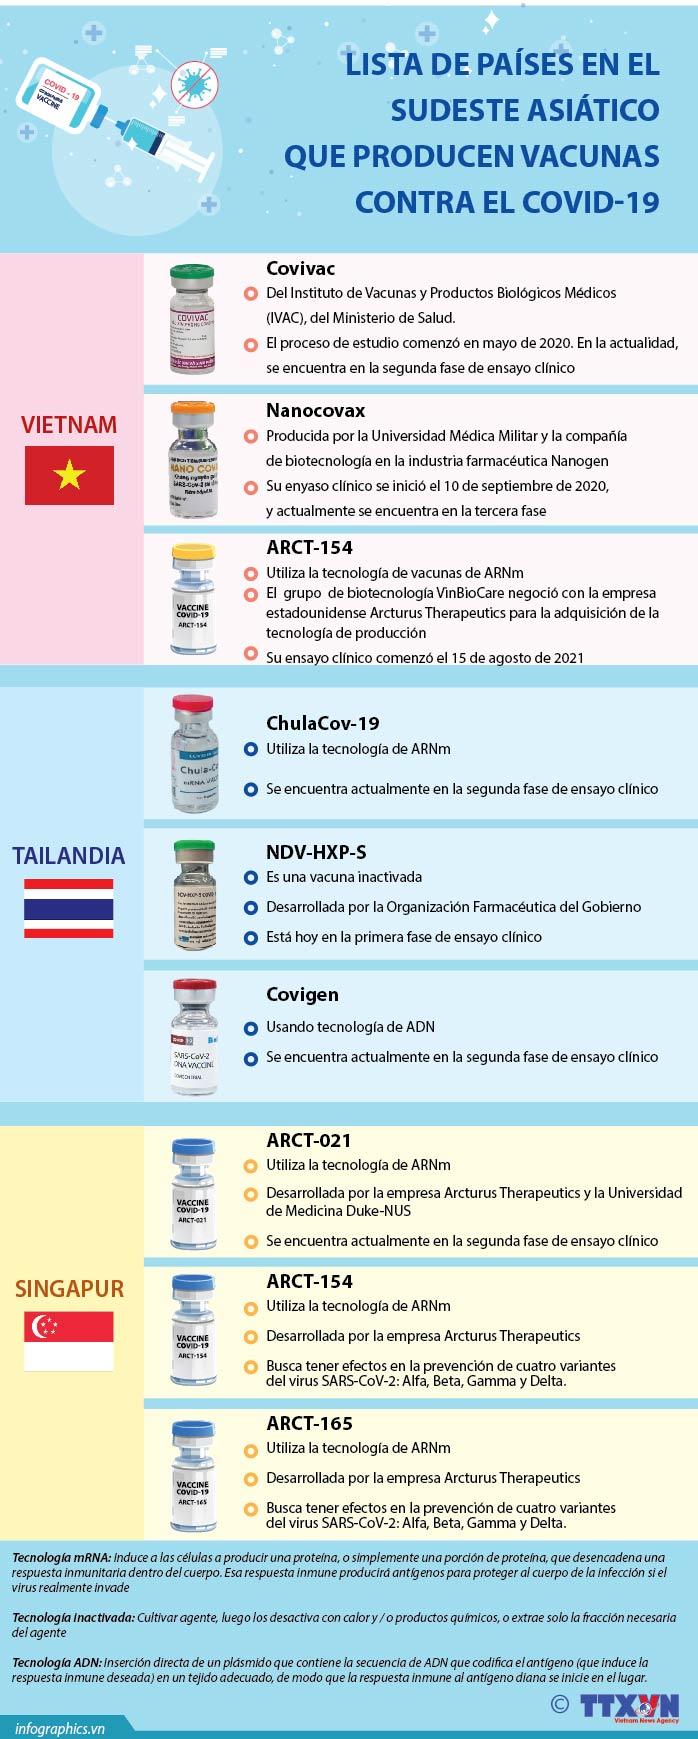 Lista de países productores de vacunas contra el COVID-19 en el Sudeste Asiático